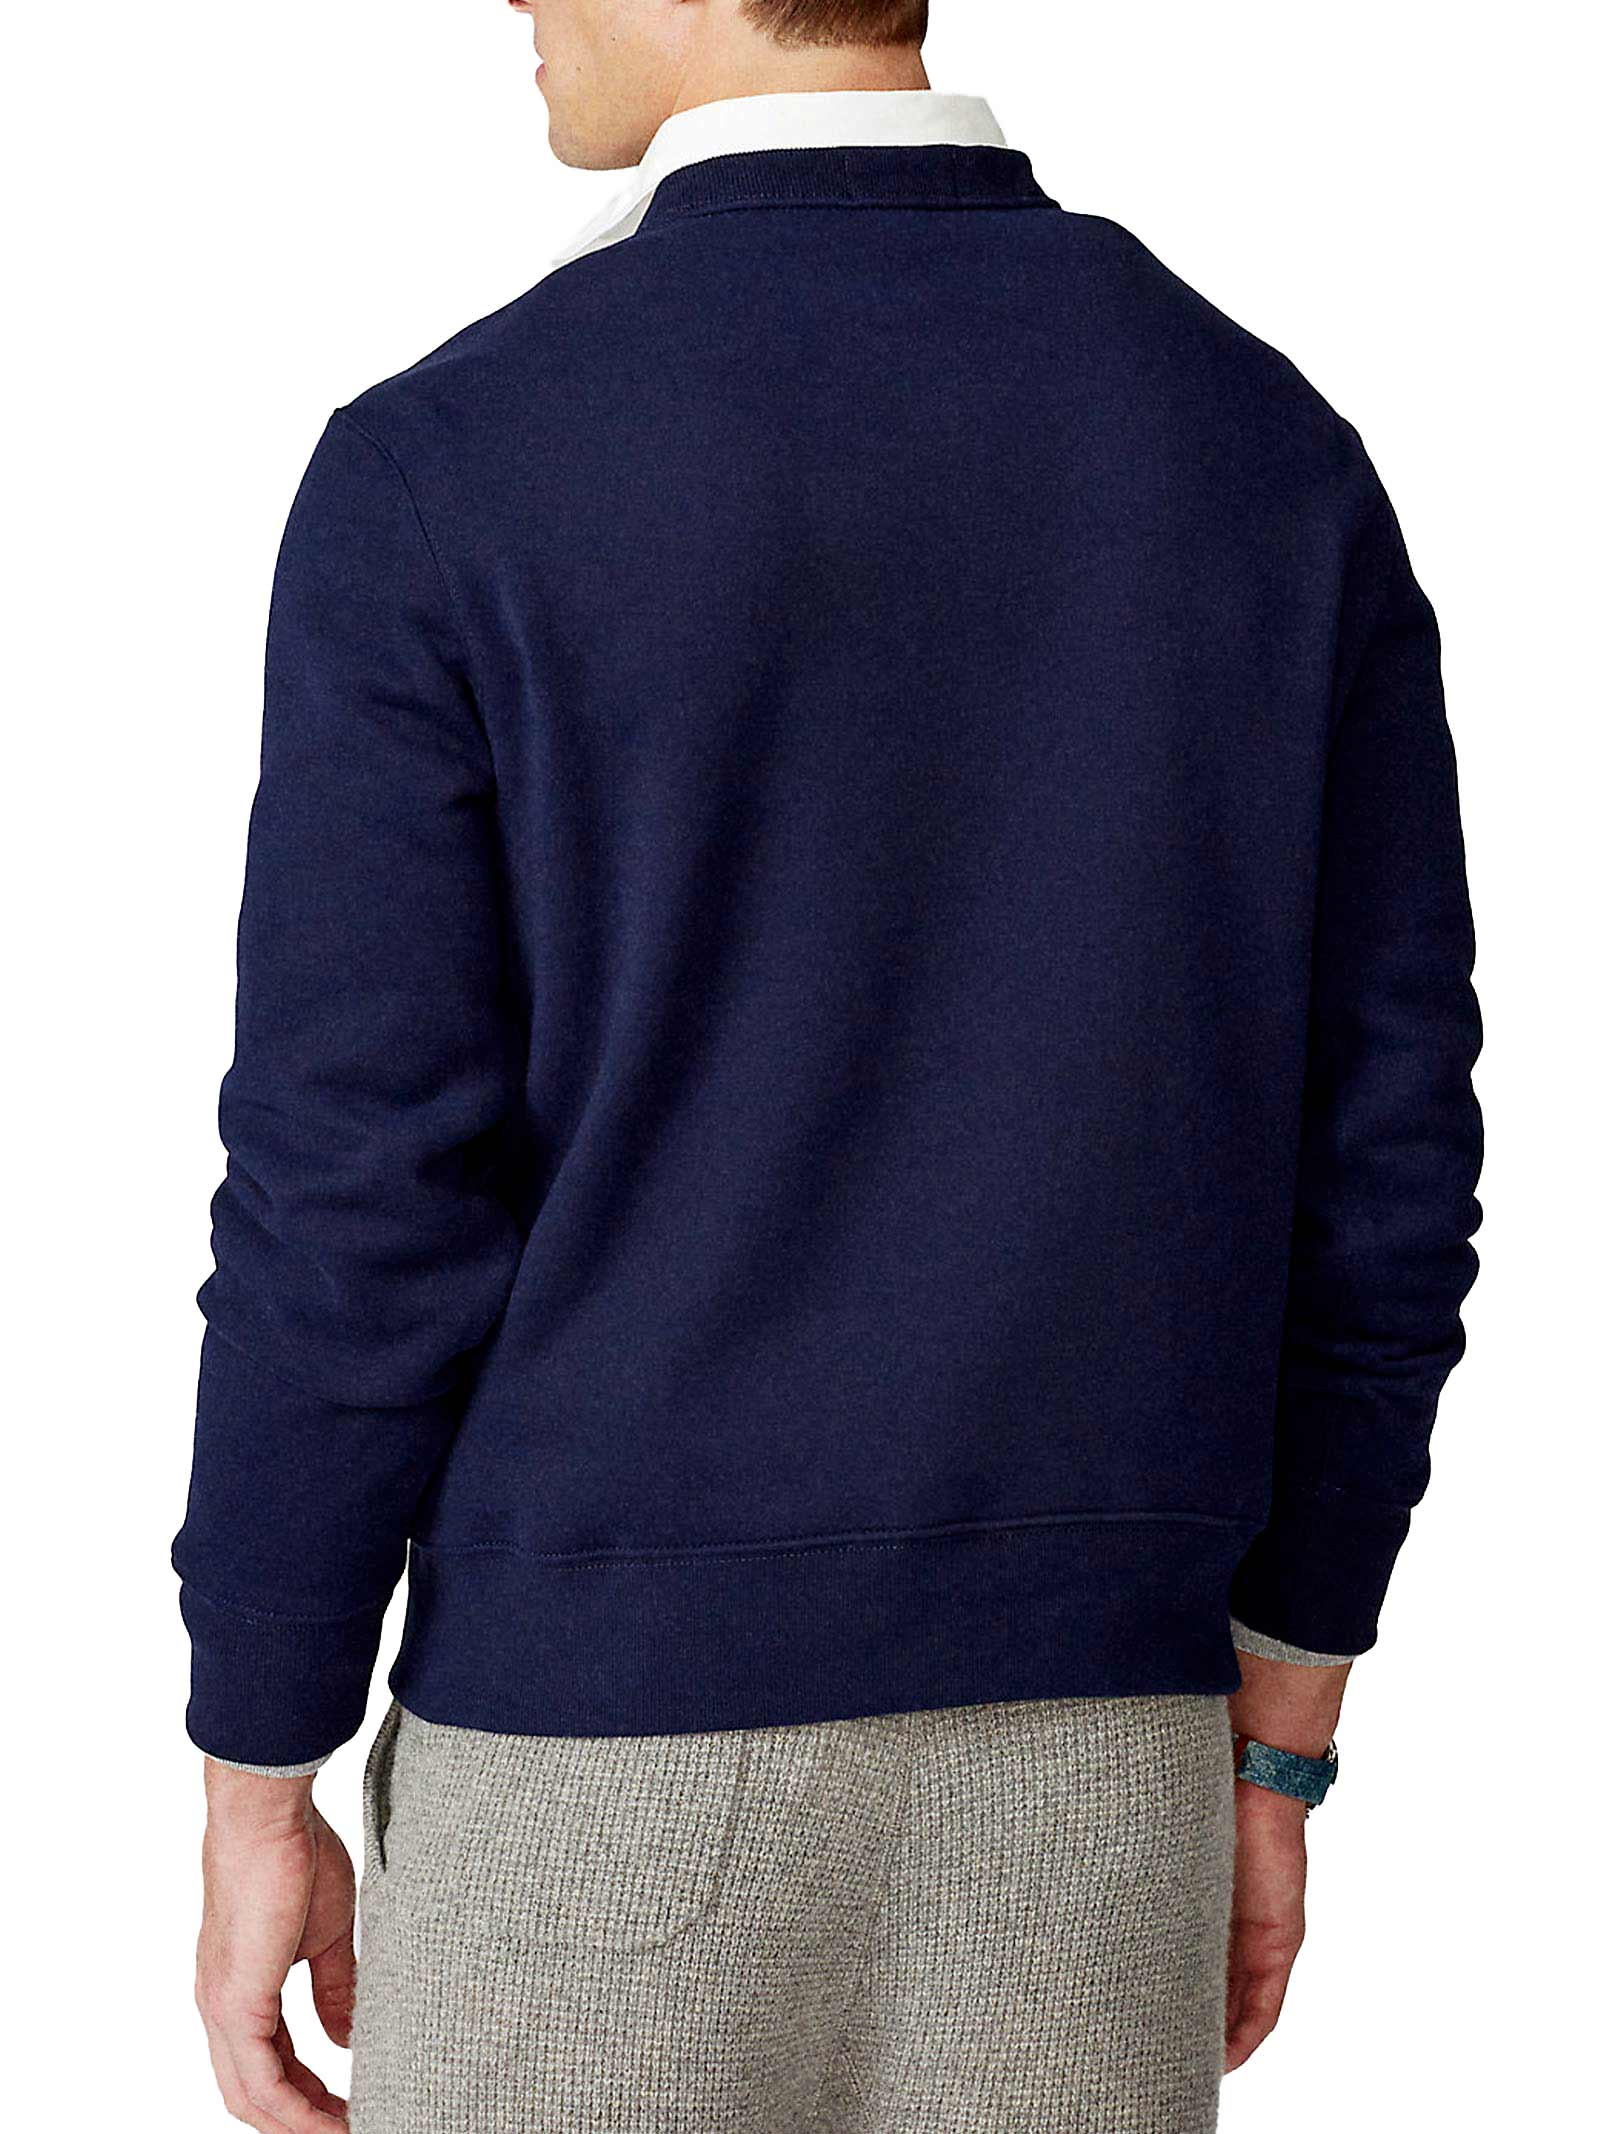 Felpa a giro collo blu con ricamo RALPH LAUREN | Pullover | 710-829165001